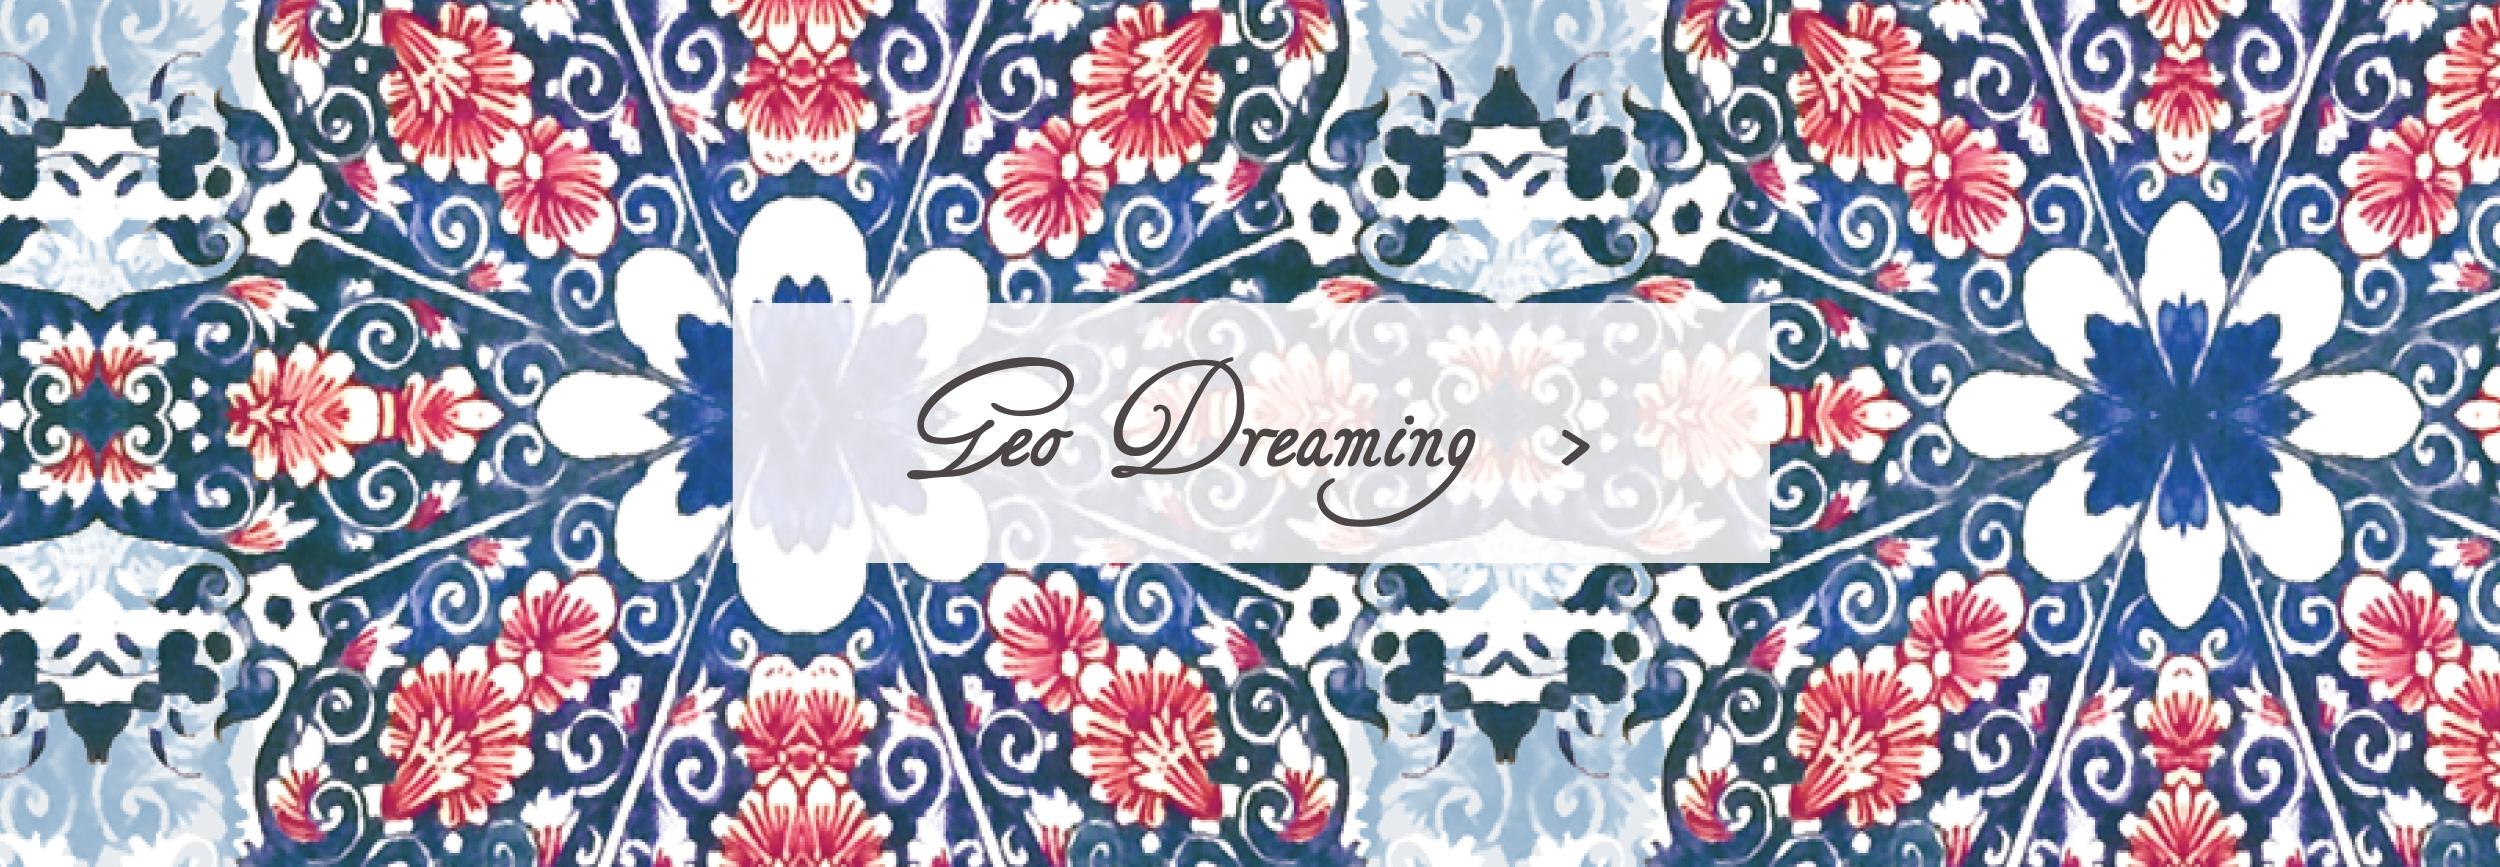 Geo Dreaming Sleeping Bag Beauties Pattern Print